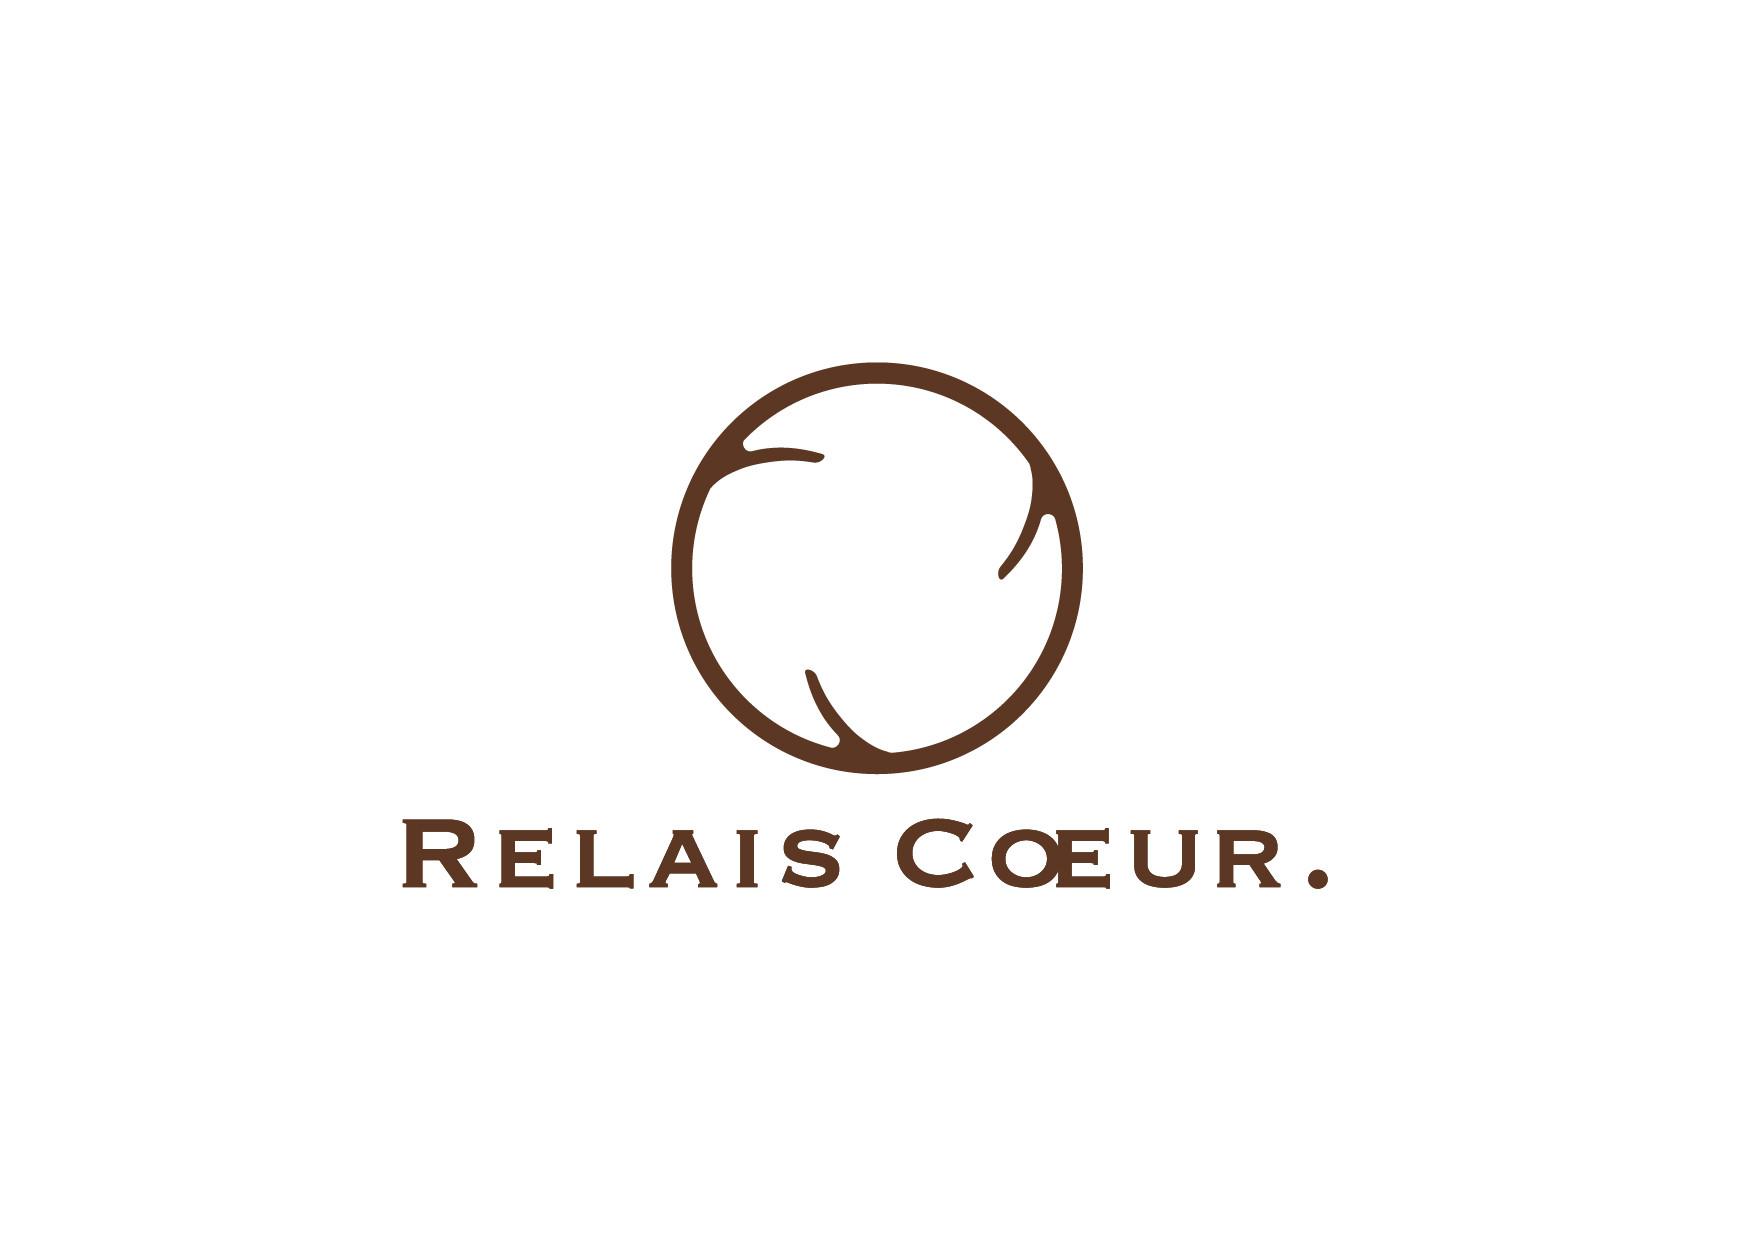 みち草   /Relais coeur  ルレクゥール 小さな お茶屋さん